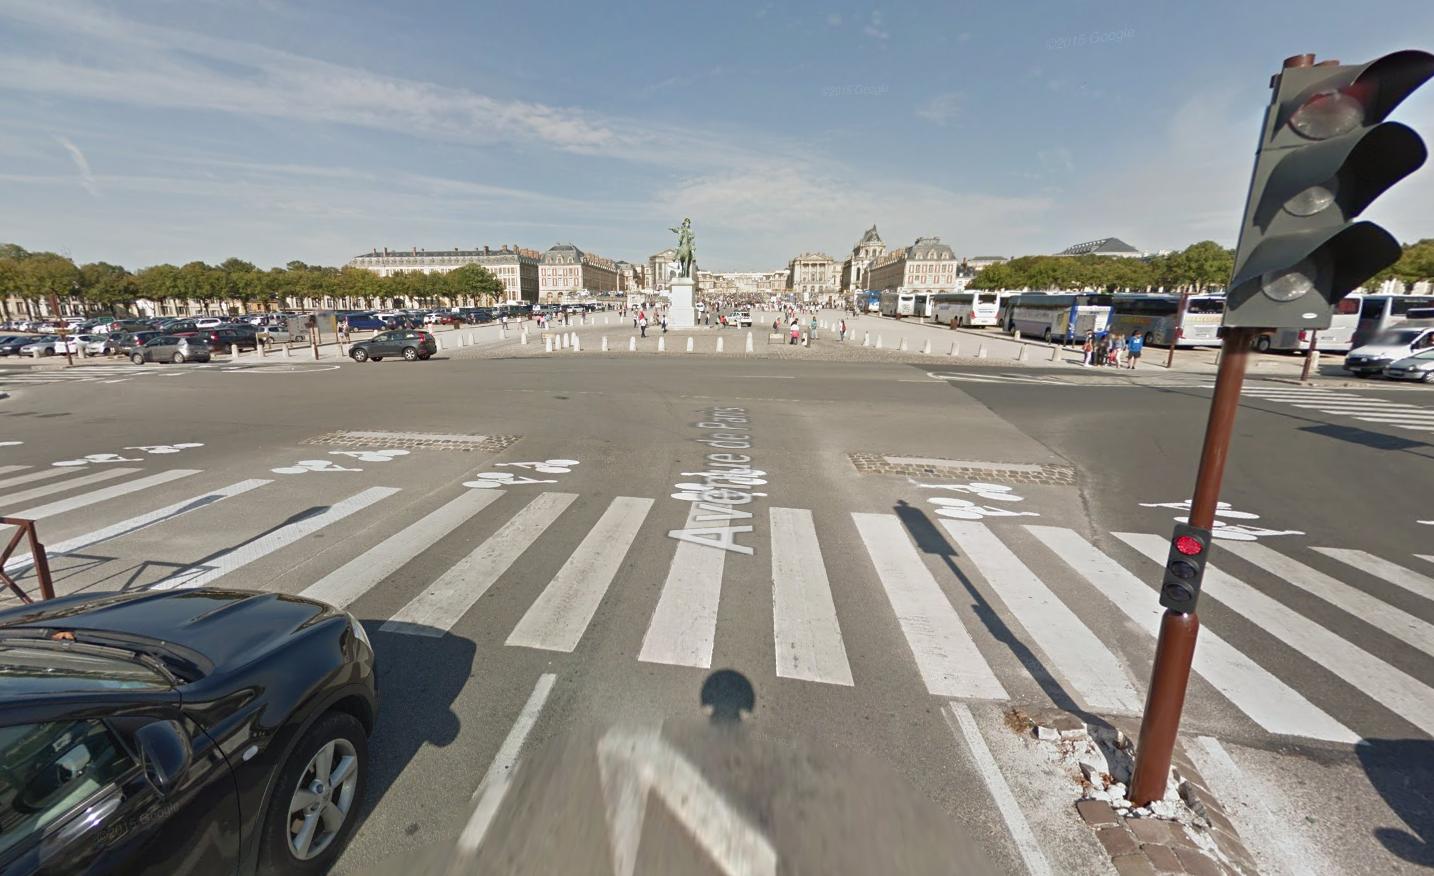 Le parlement se réunira  en congrès à partir de 16 heures dans l'enceinte du Château de Versailles